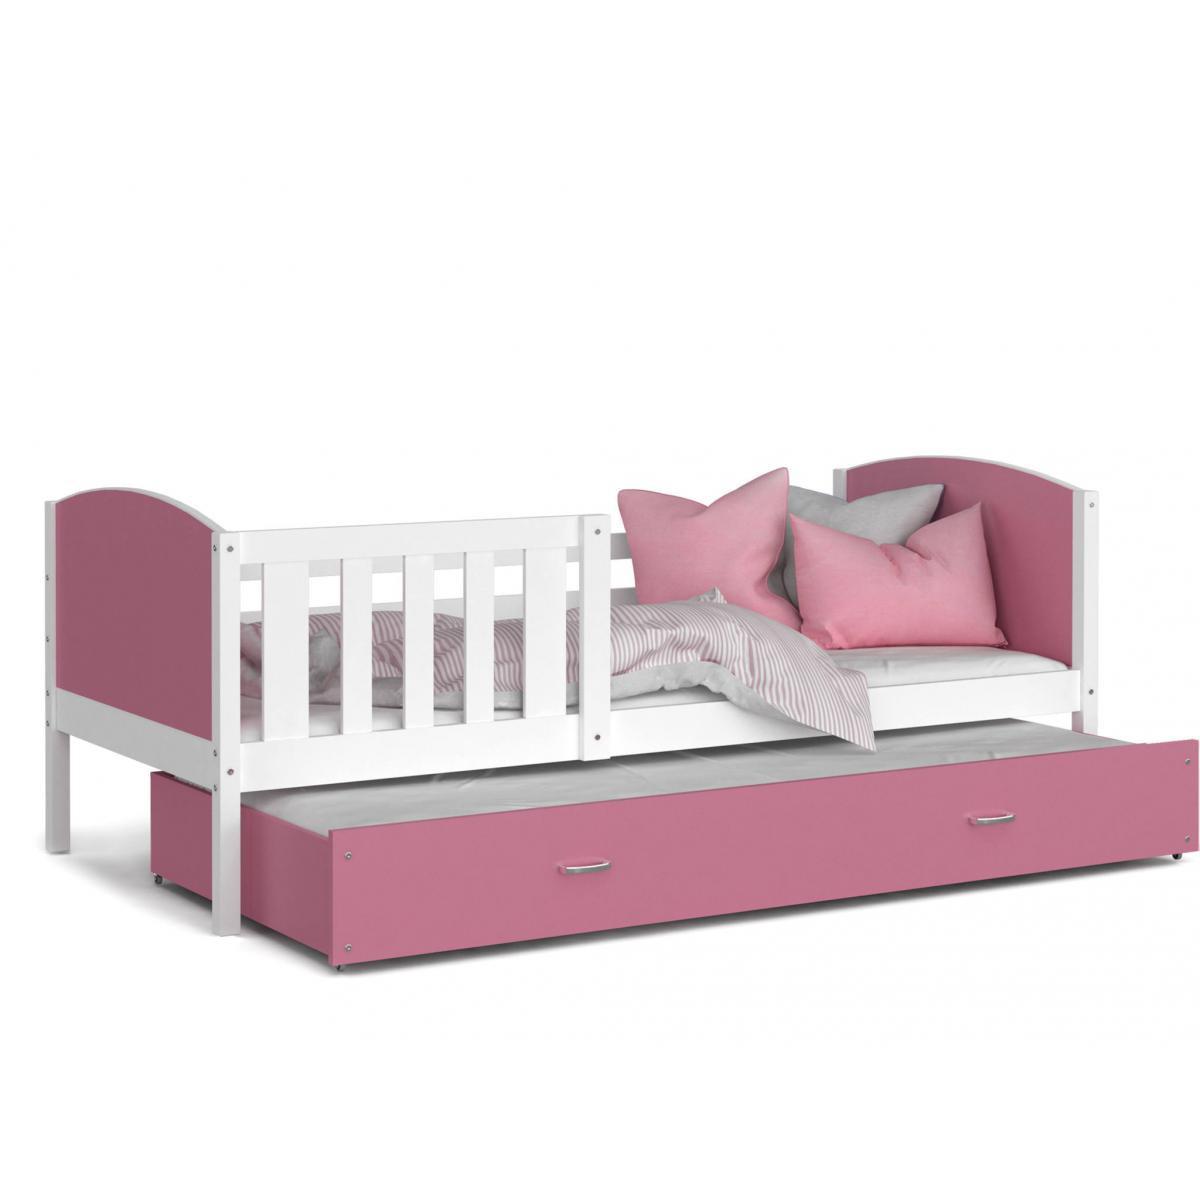 Kids Literie LIT Gigogne Tomy 90x190 Blanc - Rose livré avec sommier, tiroir et matelas de 7cm OFFERT.